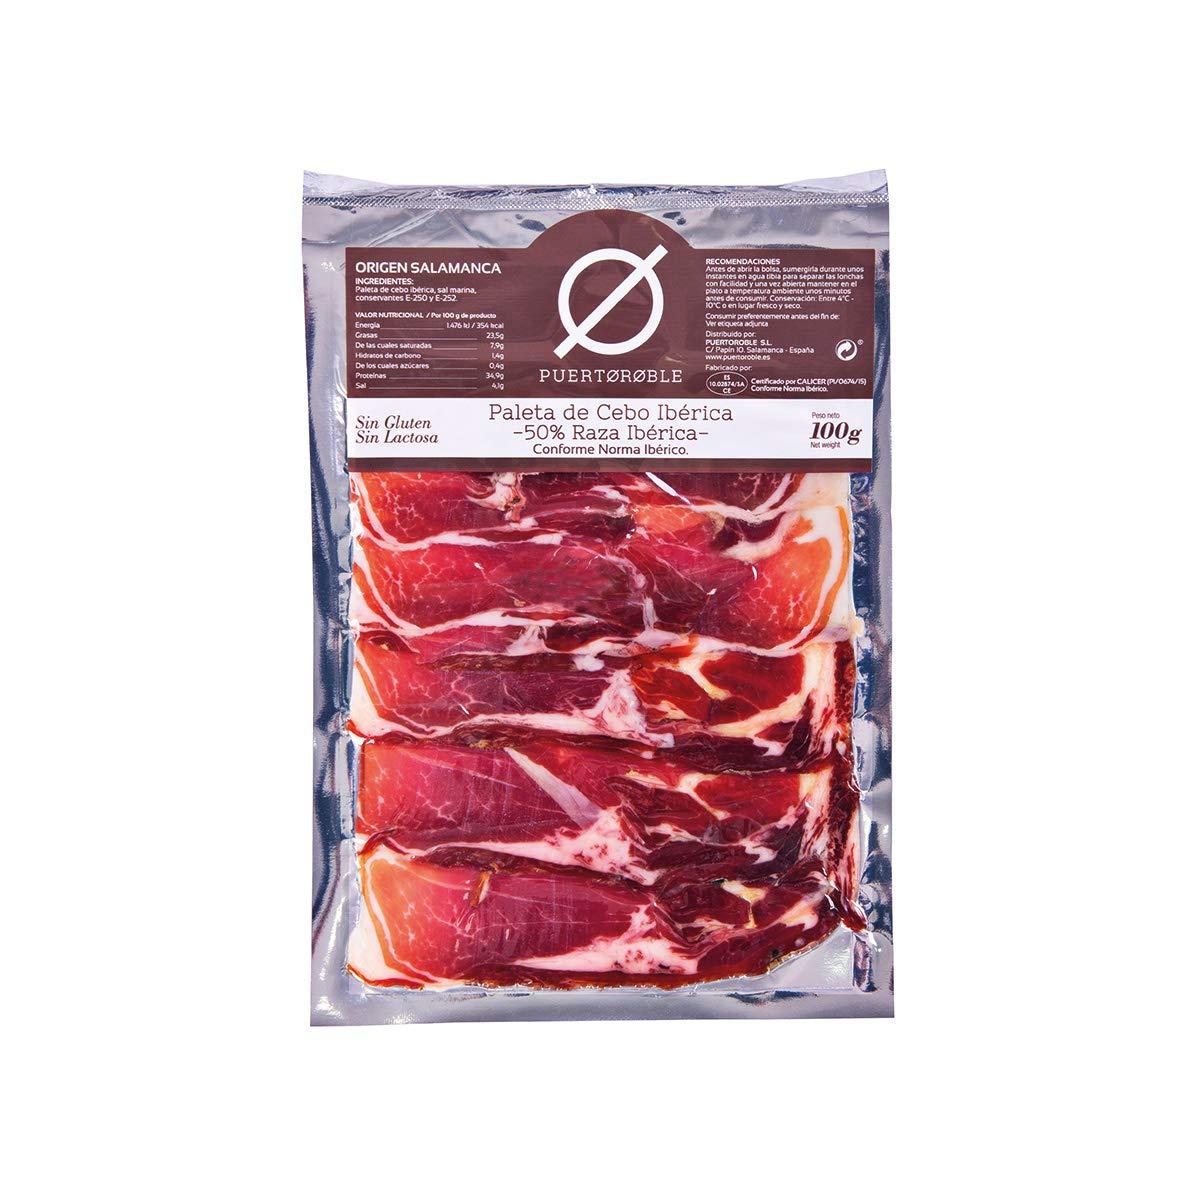 Paleta de cebo ibérica: 50% raza ibérica. Paletilla deshuesada 5 packs de 100 gr: Amazon.es: Alimentación y bebidas